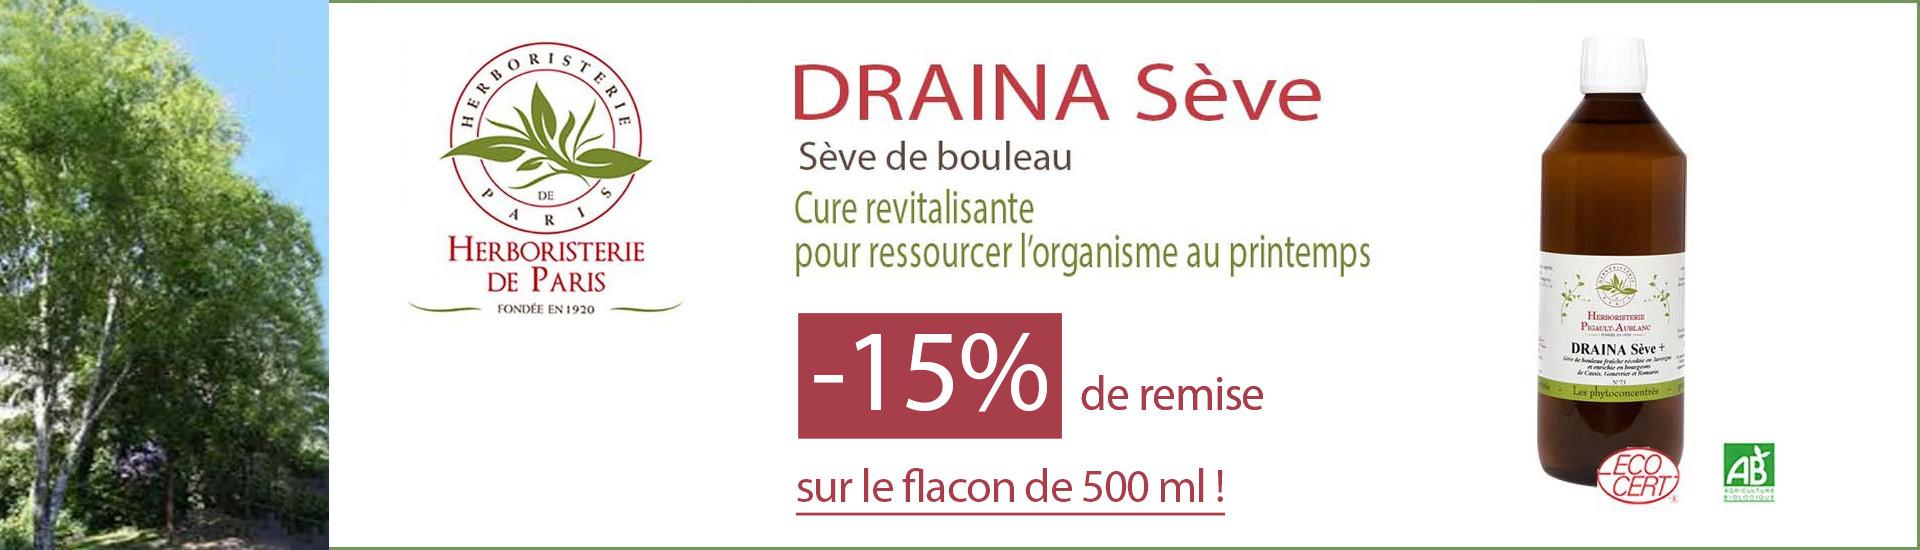 -15% de remise sur le flacon Draina Sève de Bouleau de 500 ml